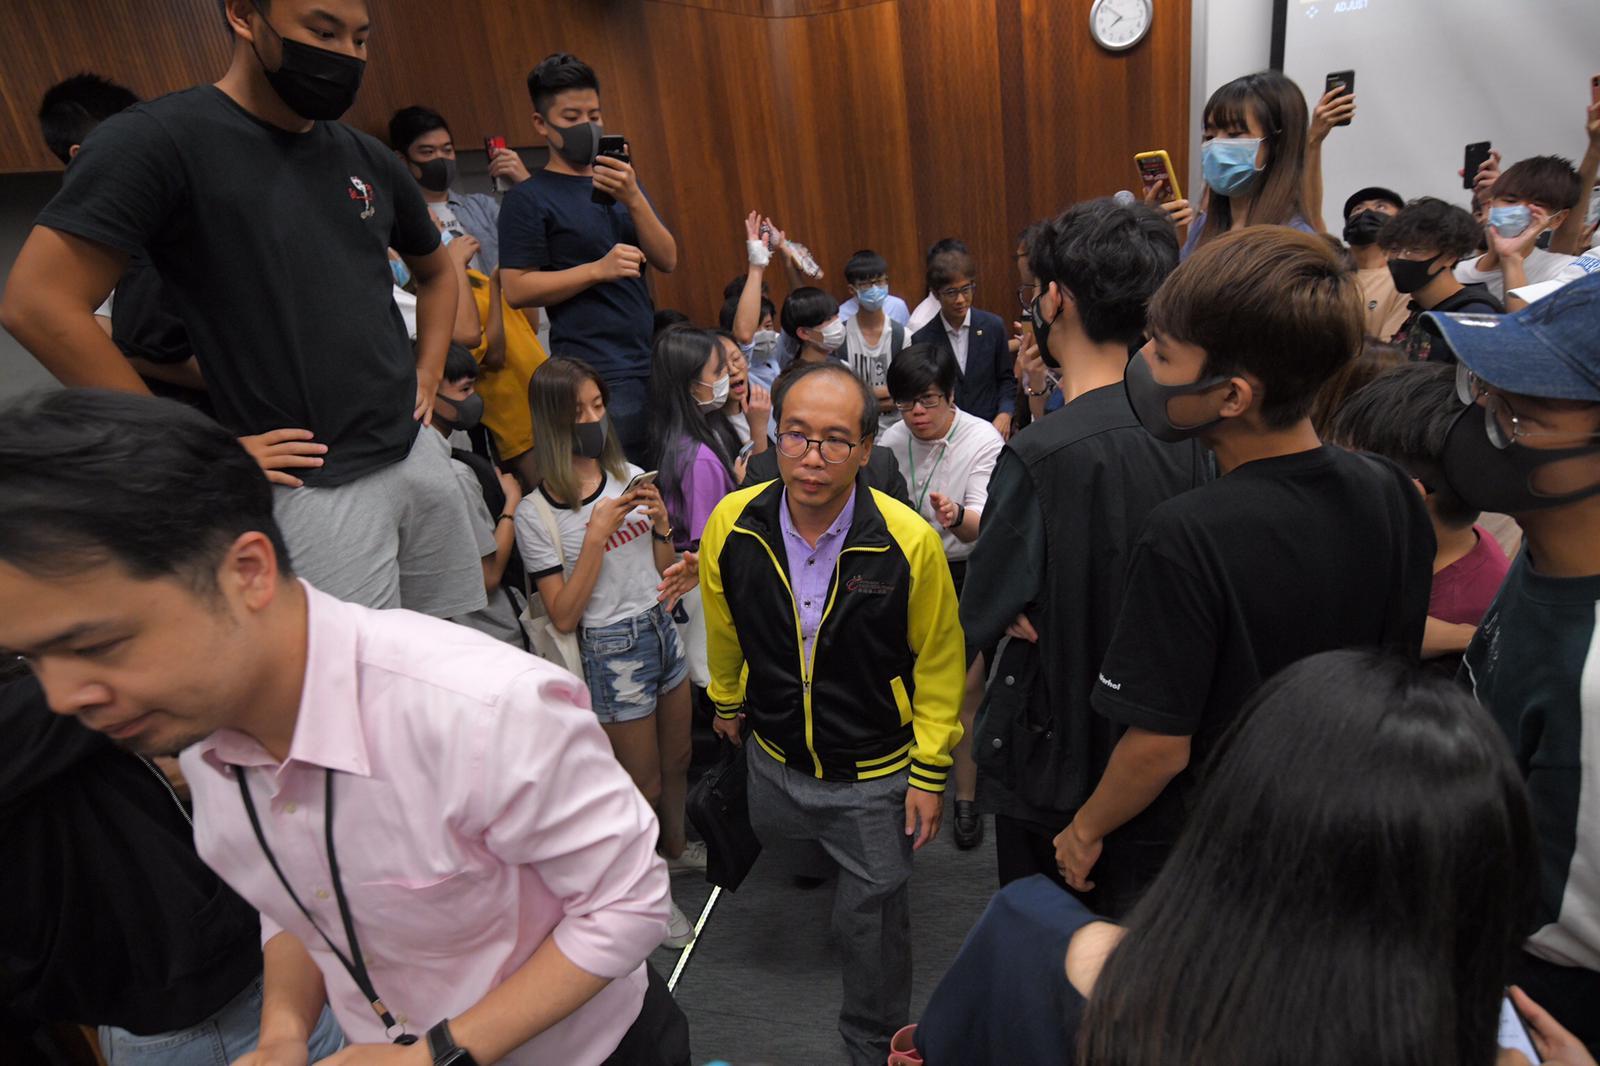 陳偉強(黃色外套者)因發表反示威的評論,昨日被大批學生圍堵指罵。資料圖片